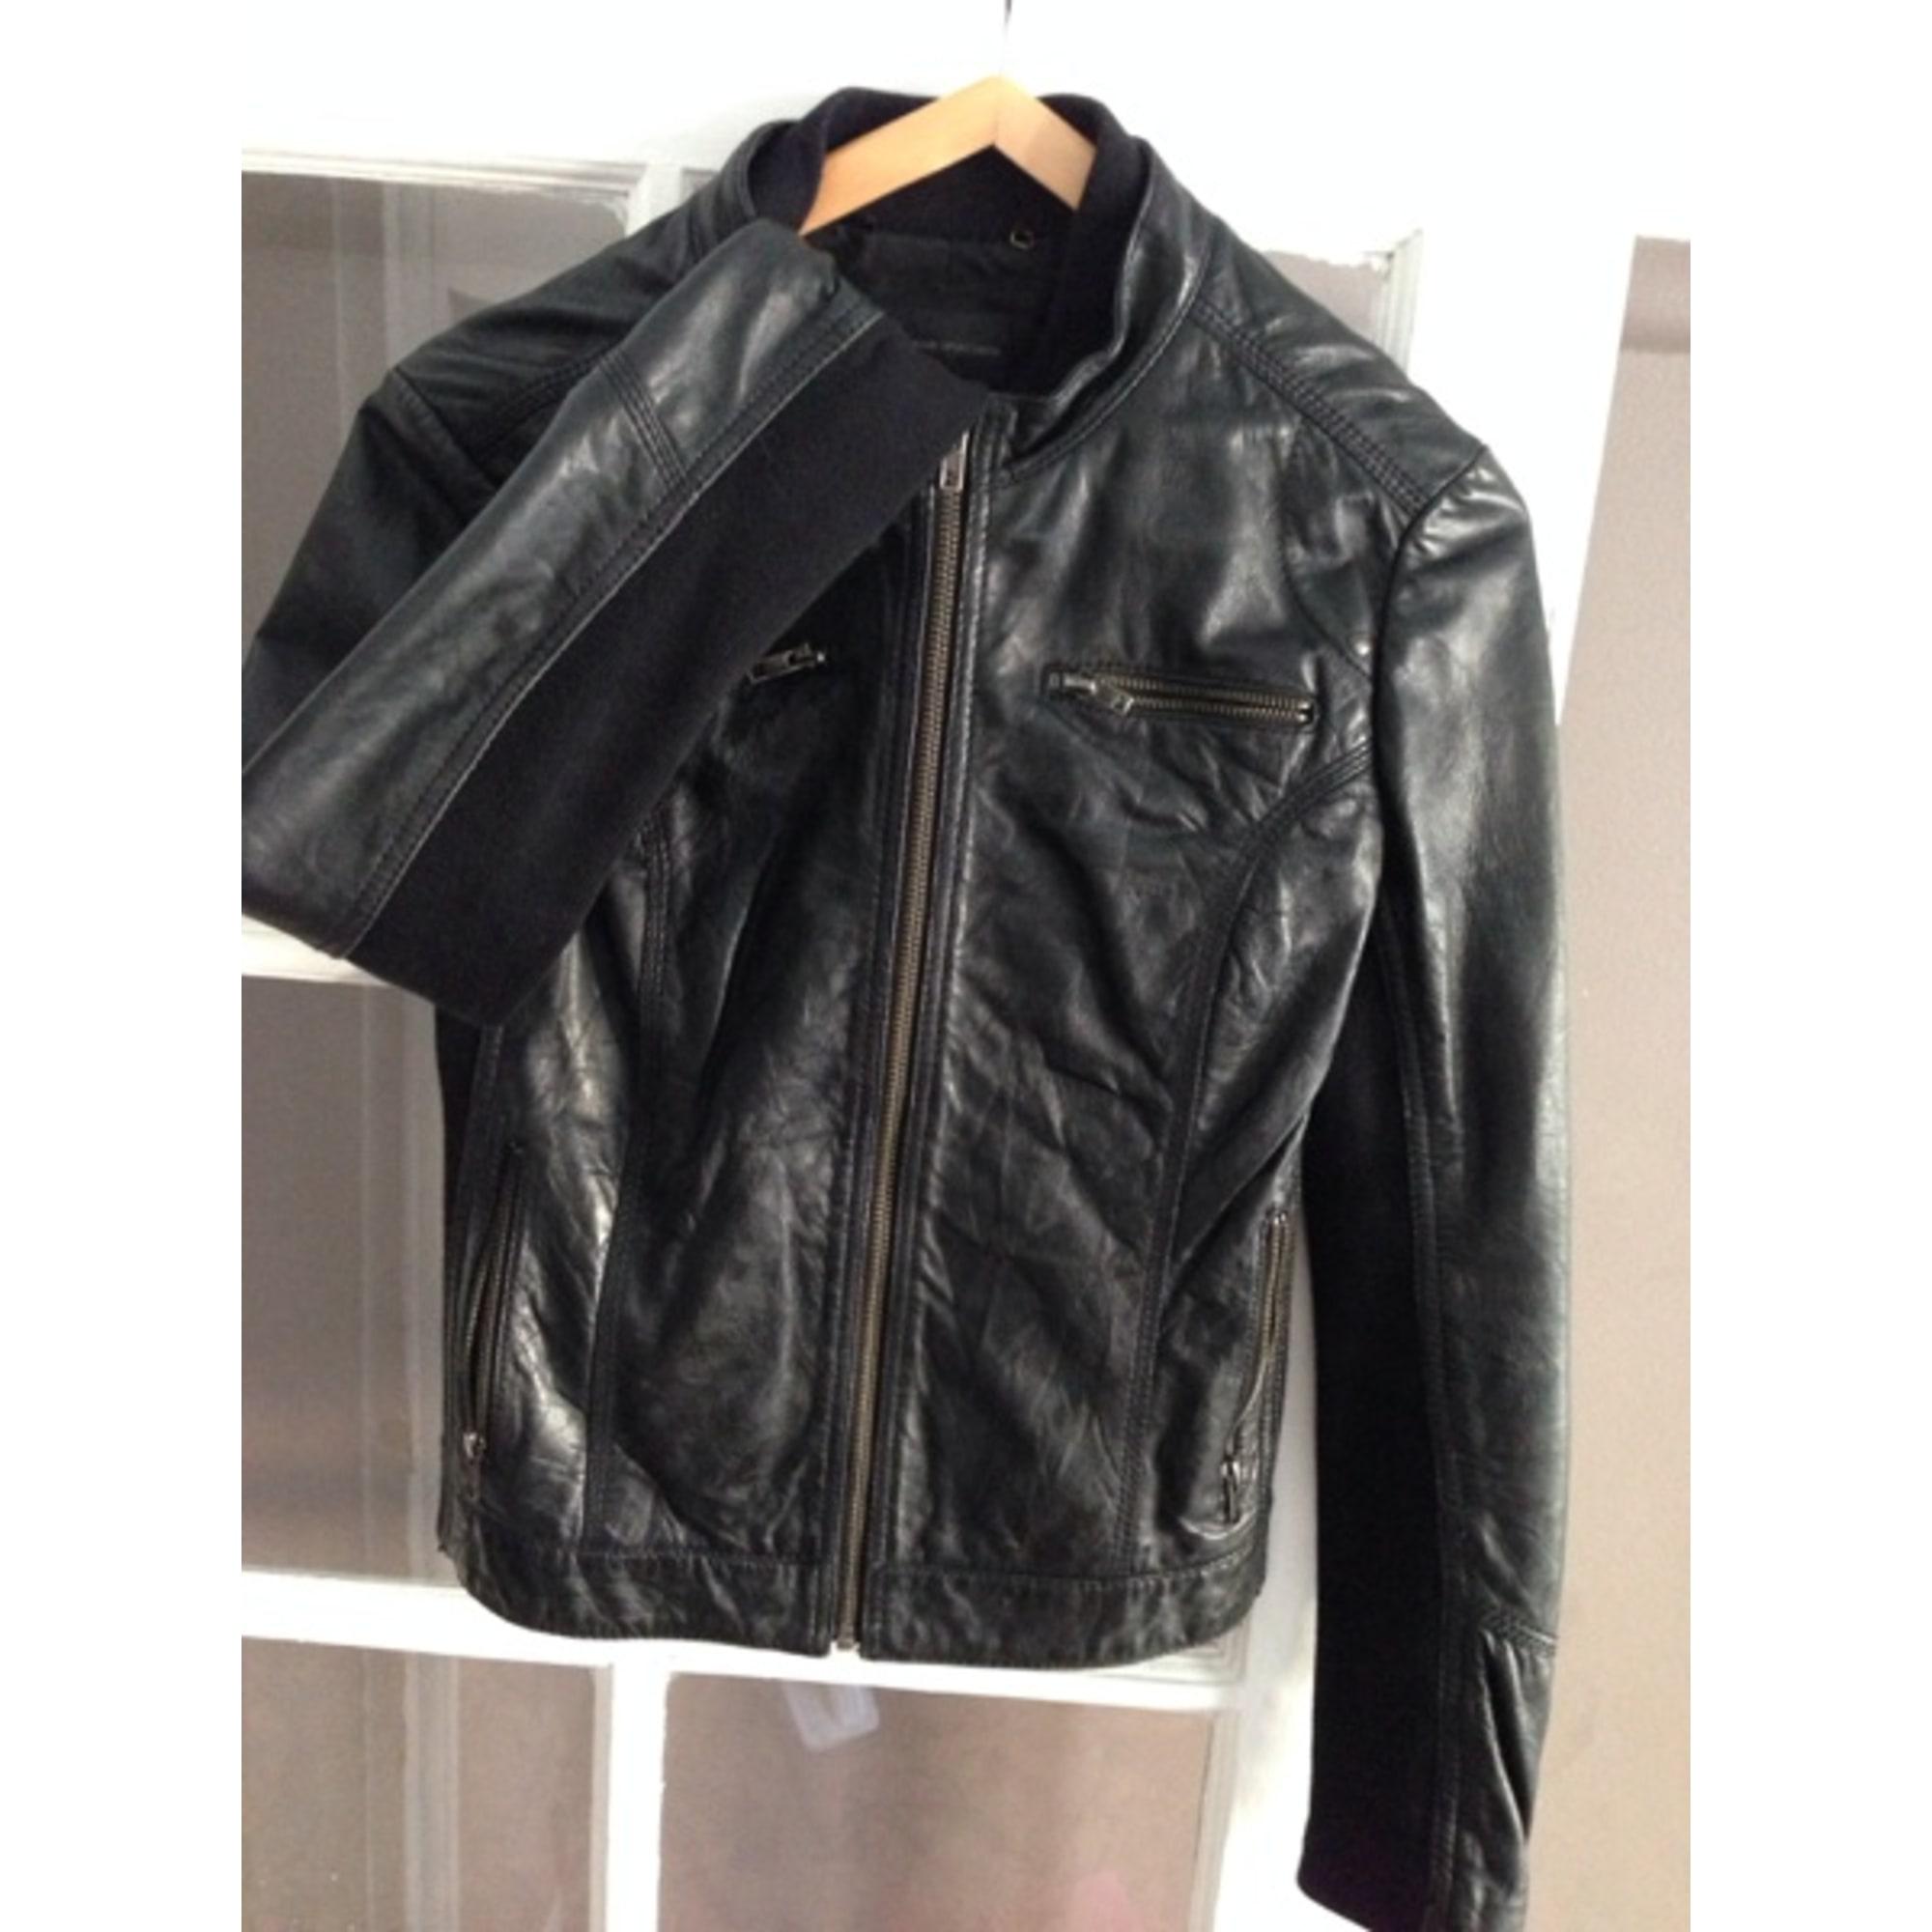 ff23dfdf1d7d0 Veste en cuir MANGO 36 (S, T1) noir vendu par Sabrina 363553046 ...